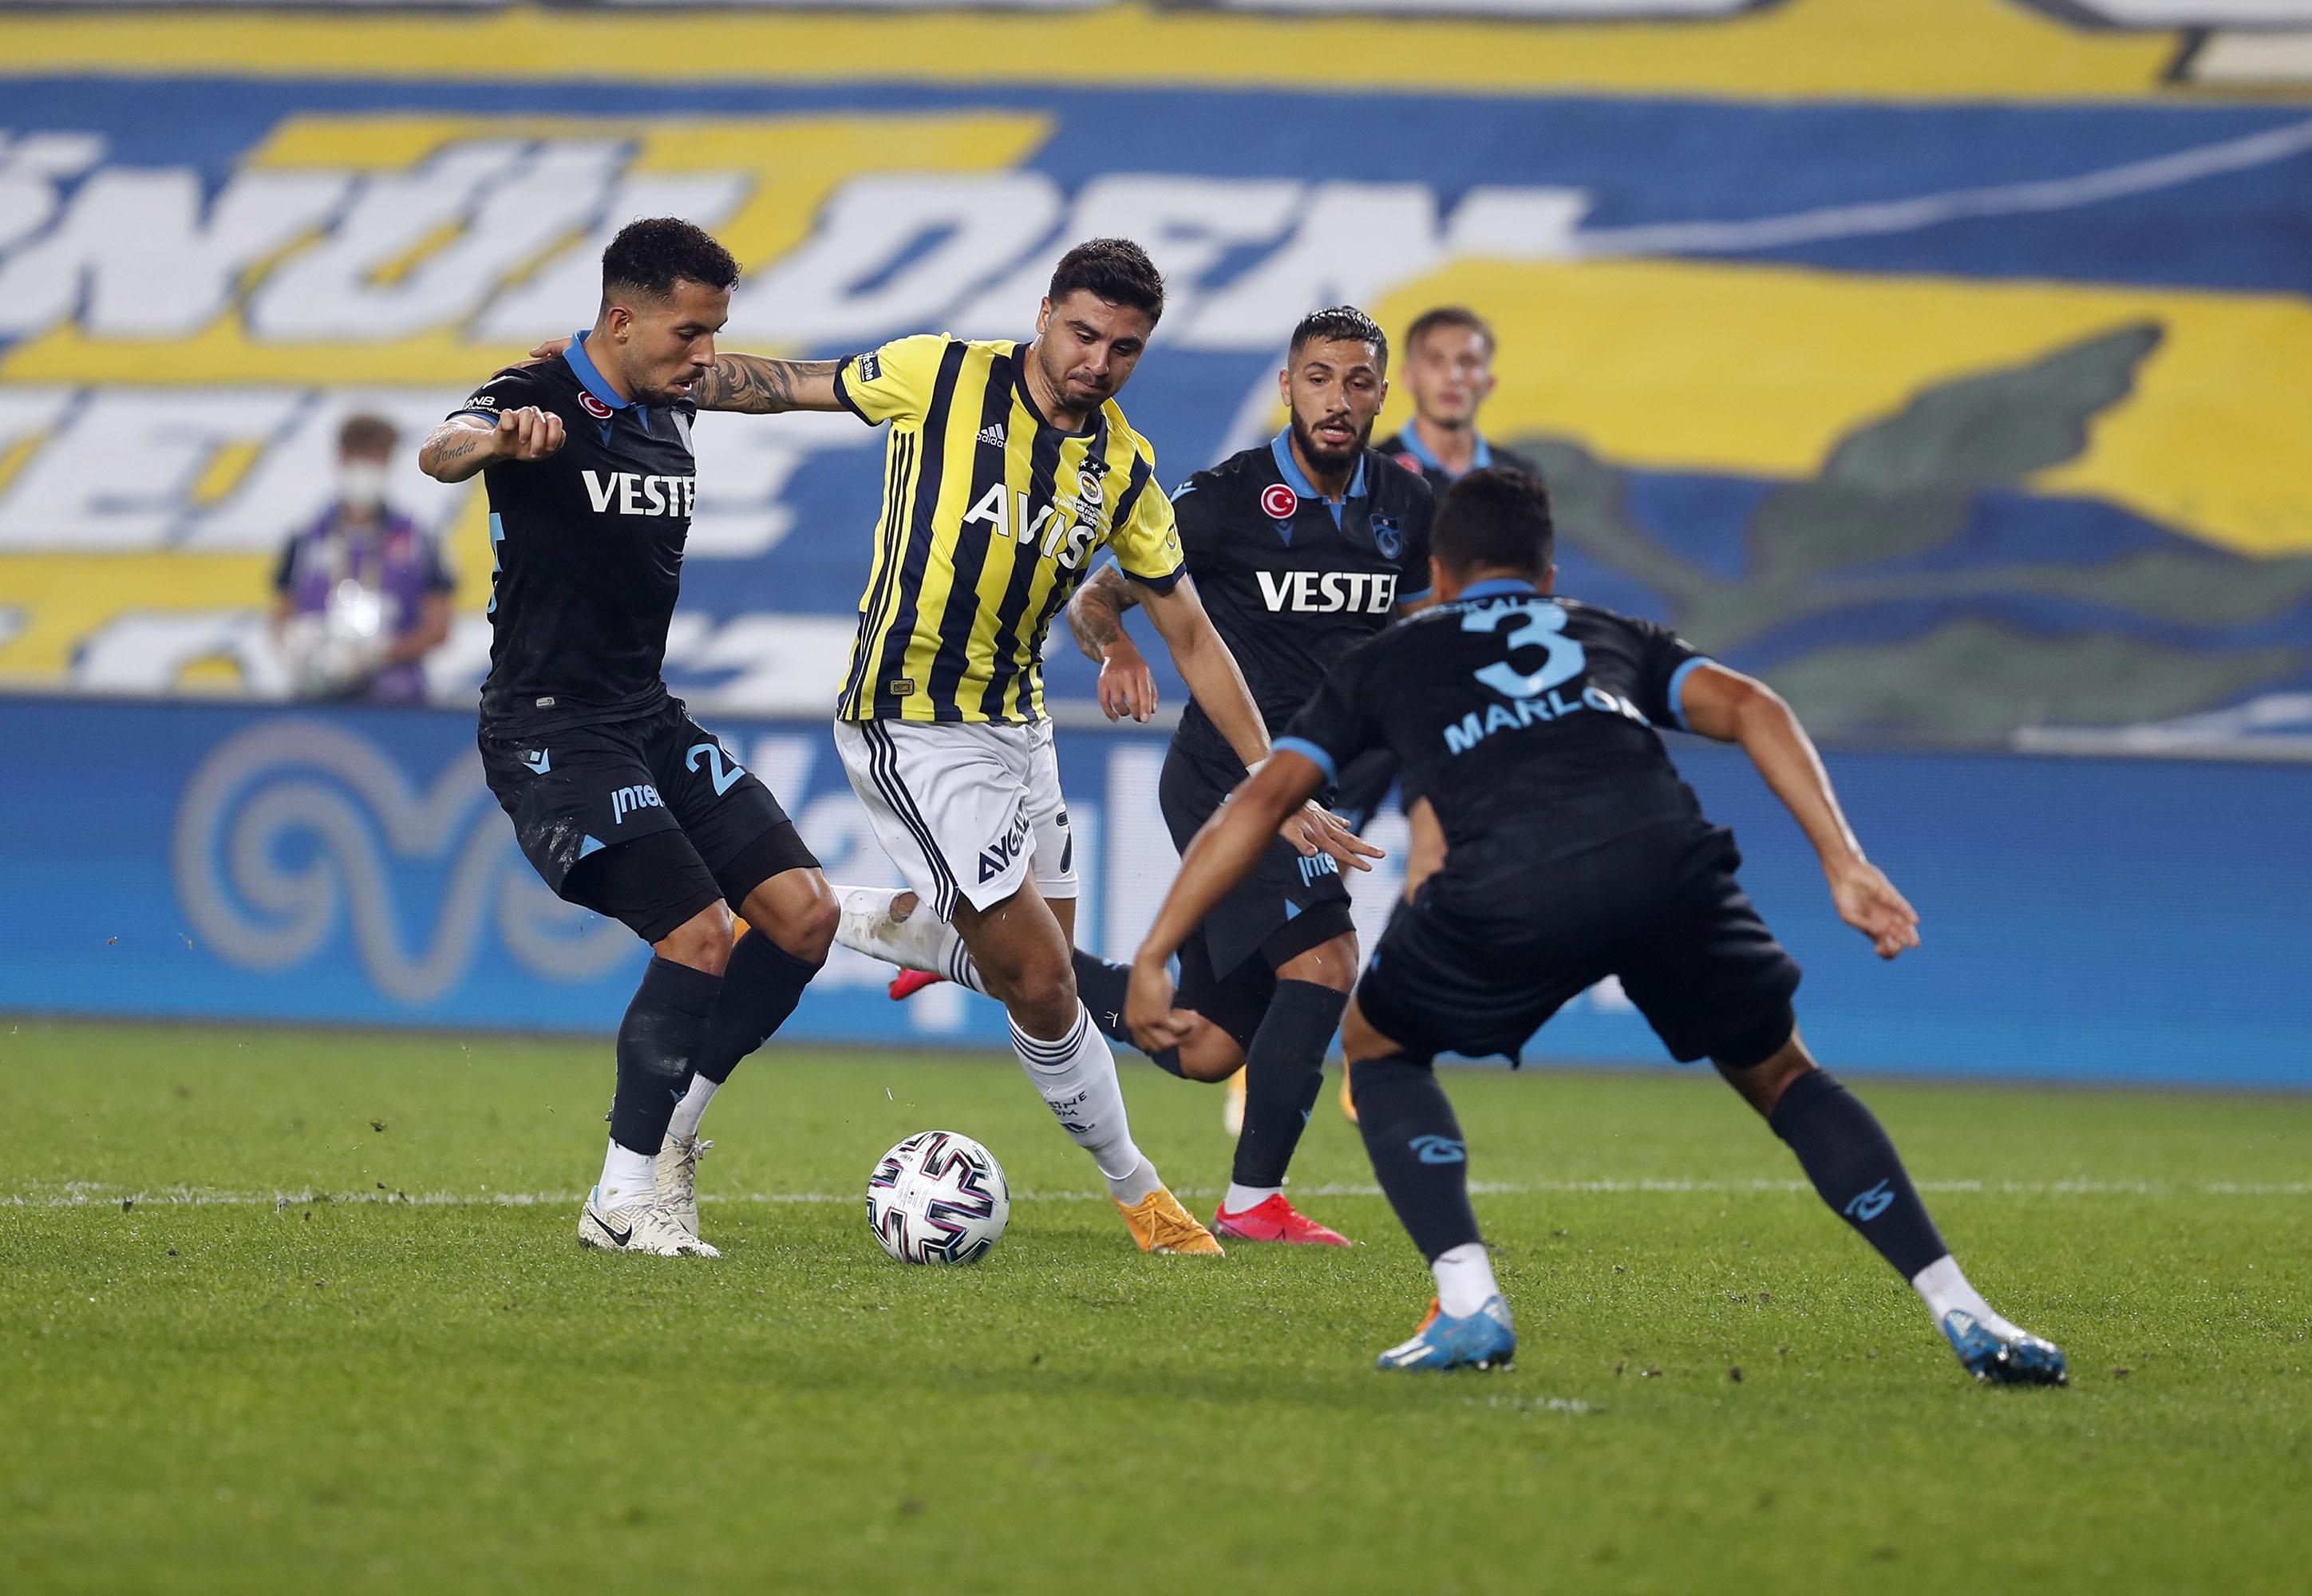 Trabzon'da kritik randevu: Trabzonspor - Fenerbahçe'yi konuk edecek! İşte muhtemel ilk 11'ler...